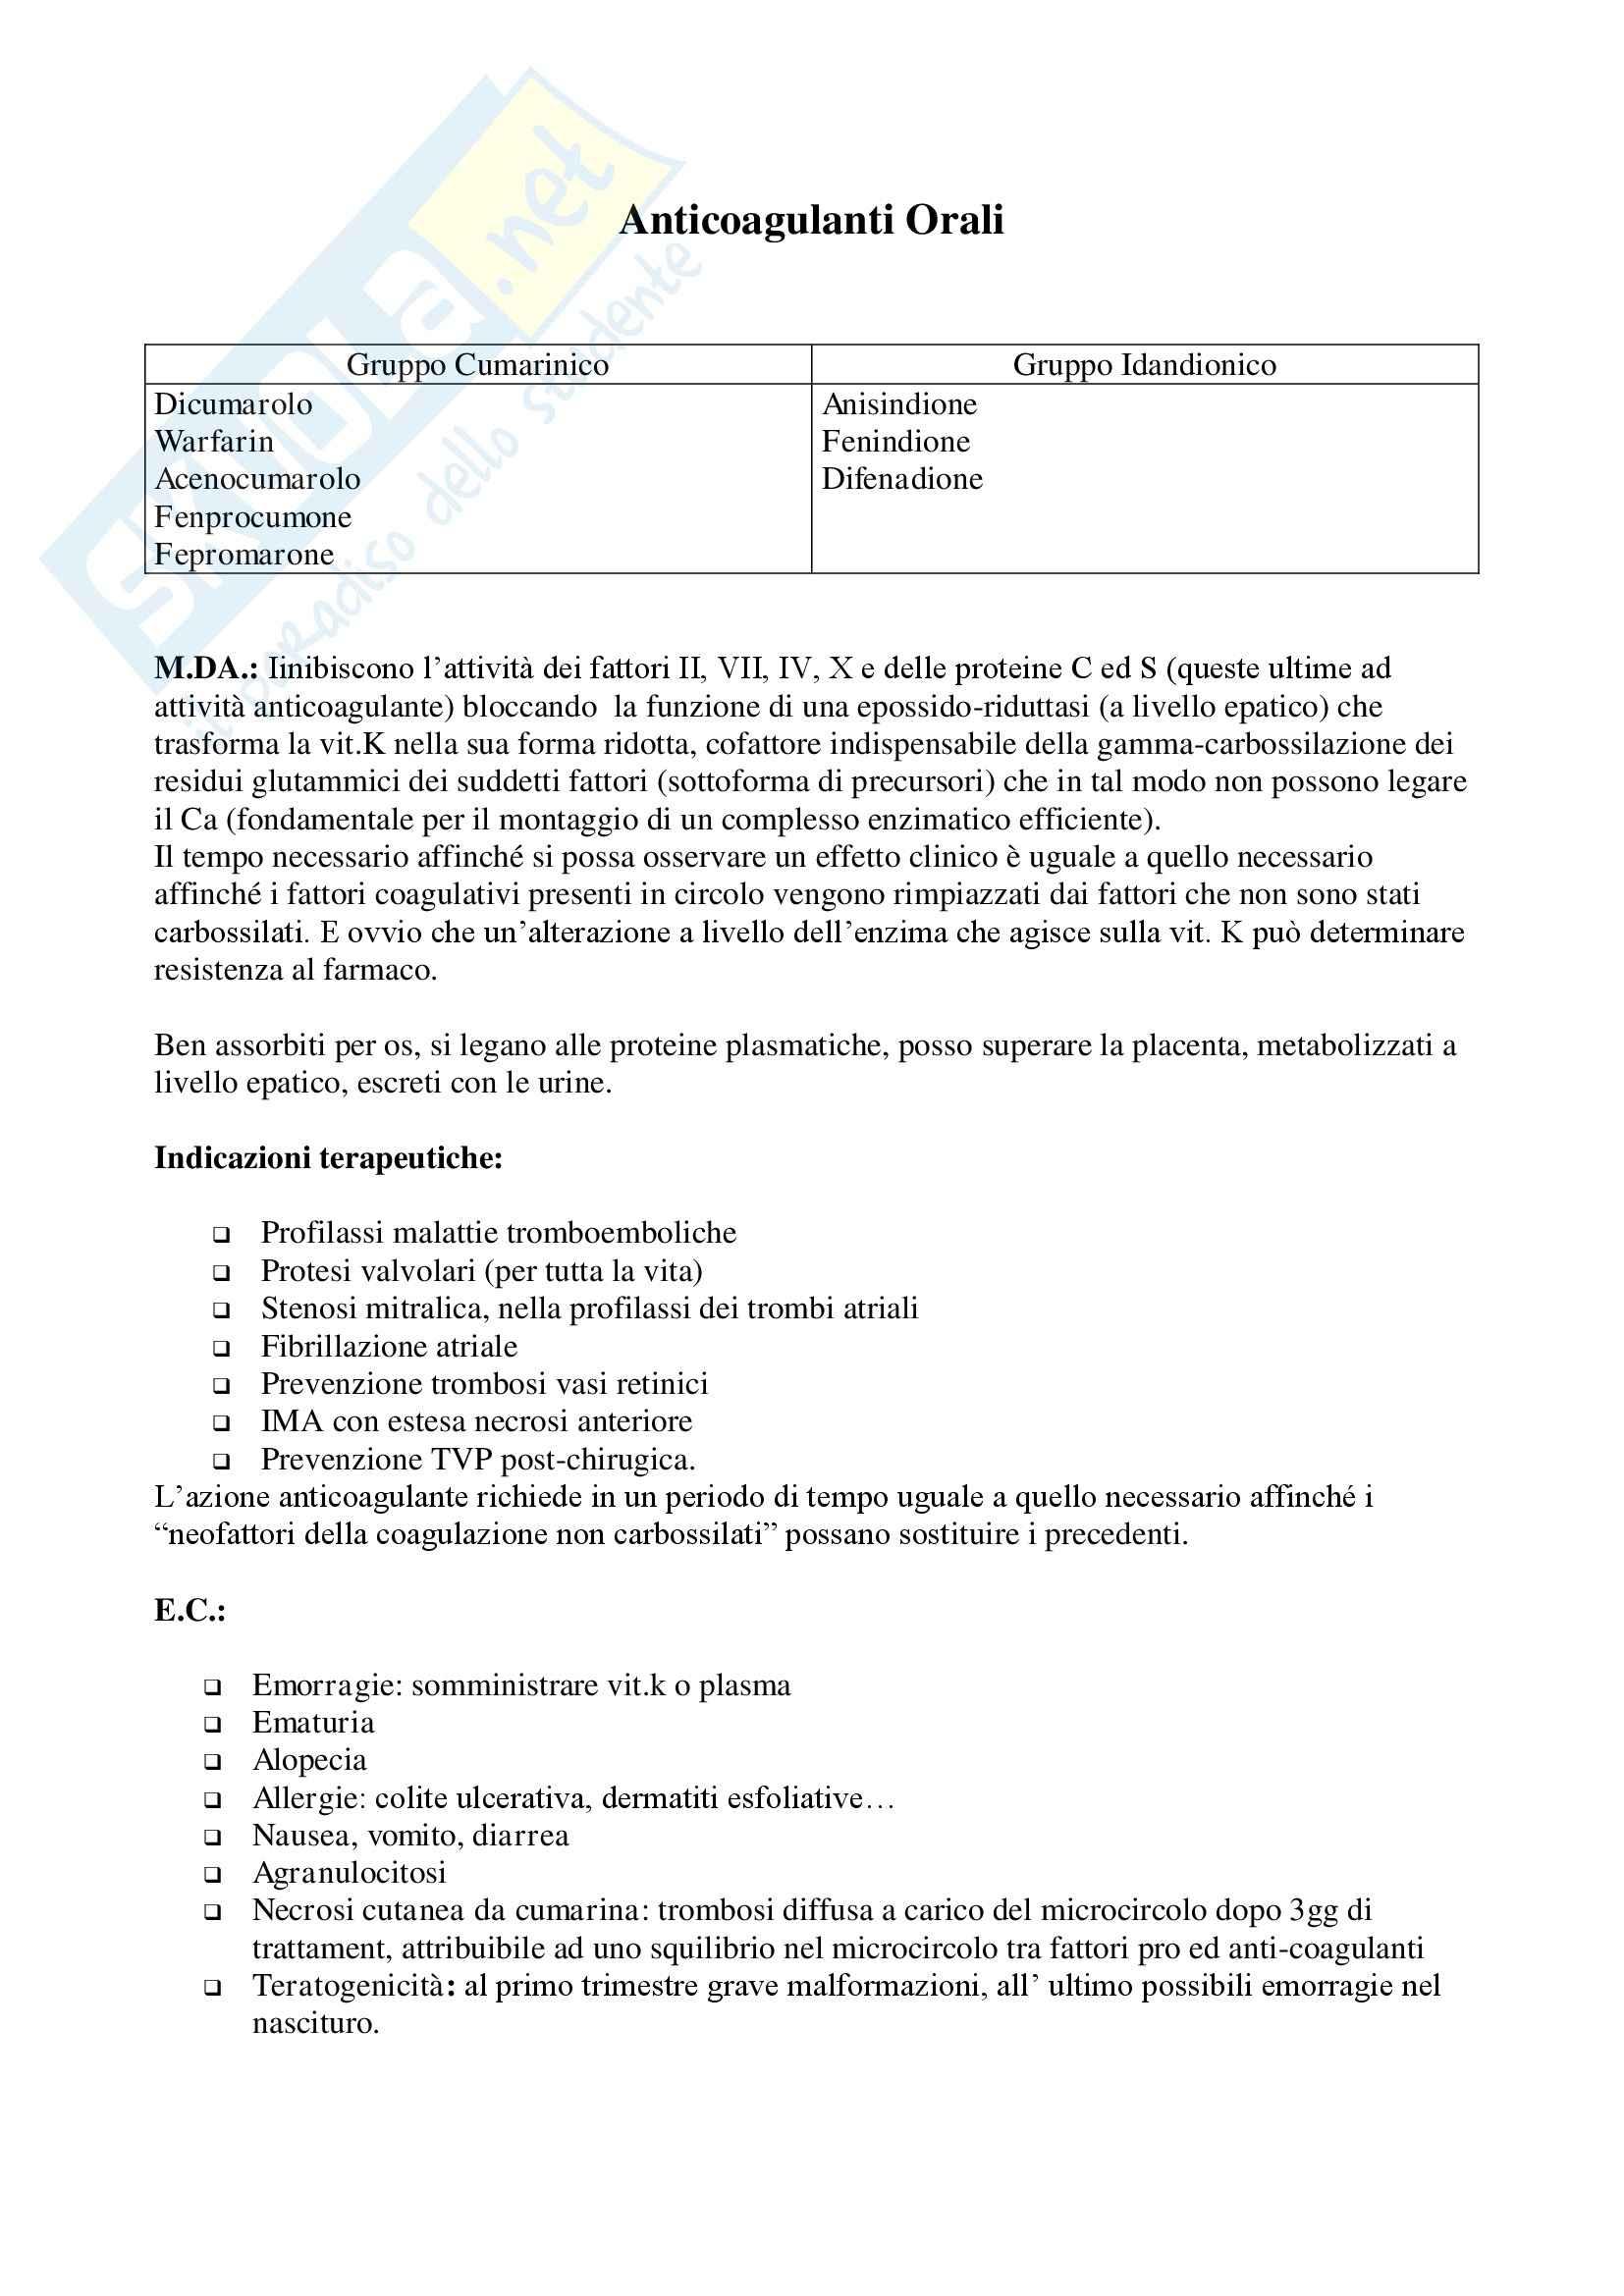 Anticoagulanti orali